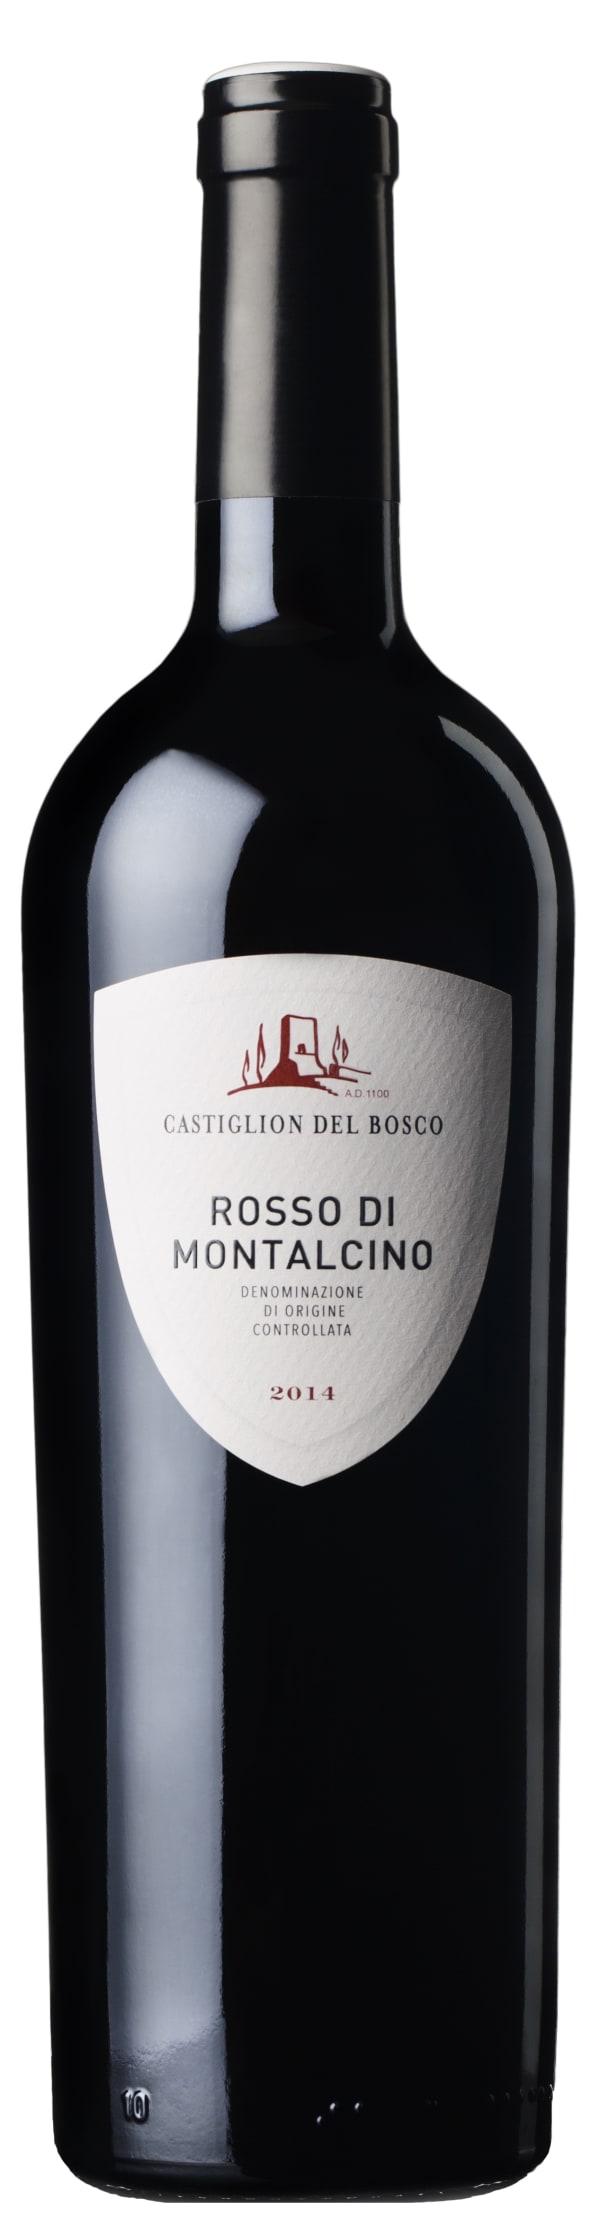 Castiglion Del Bosco Rosso di Montalcino 2014